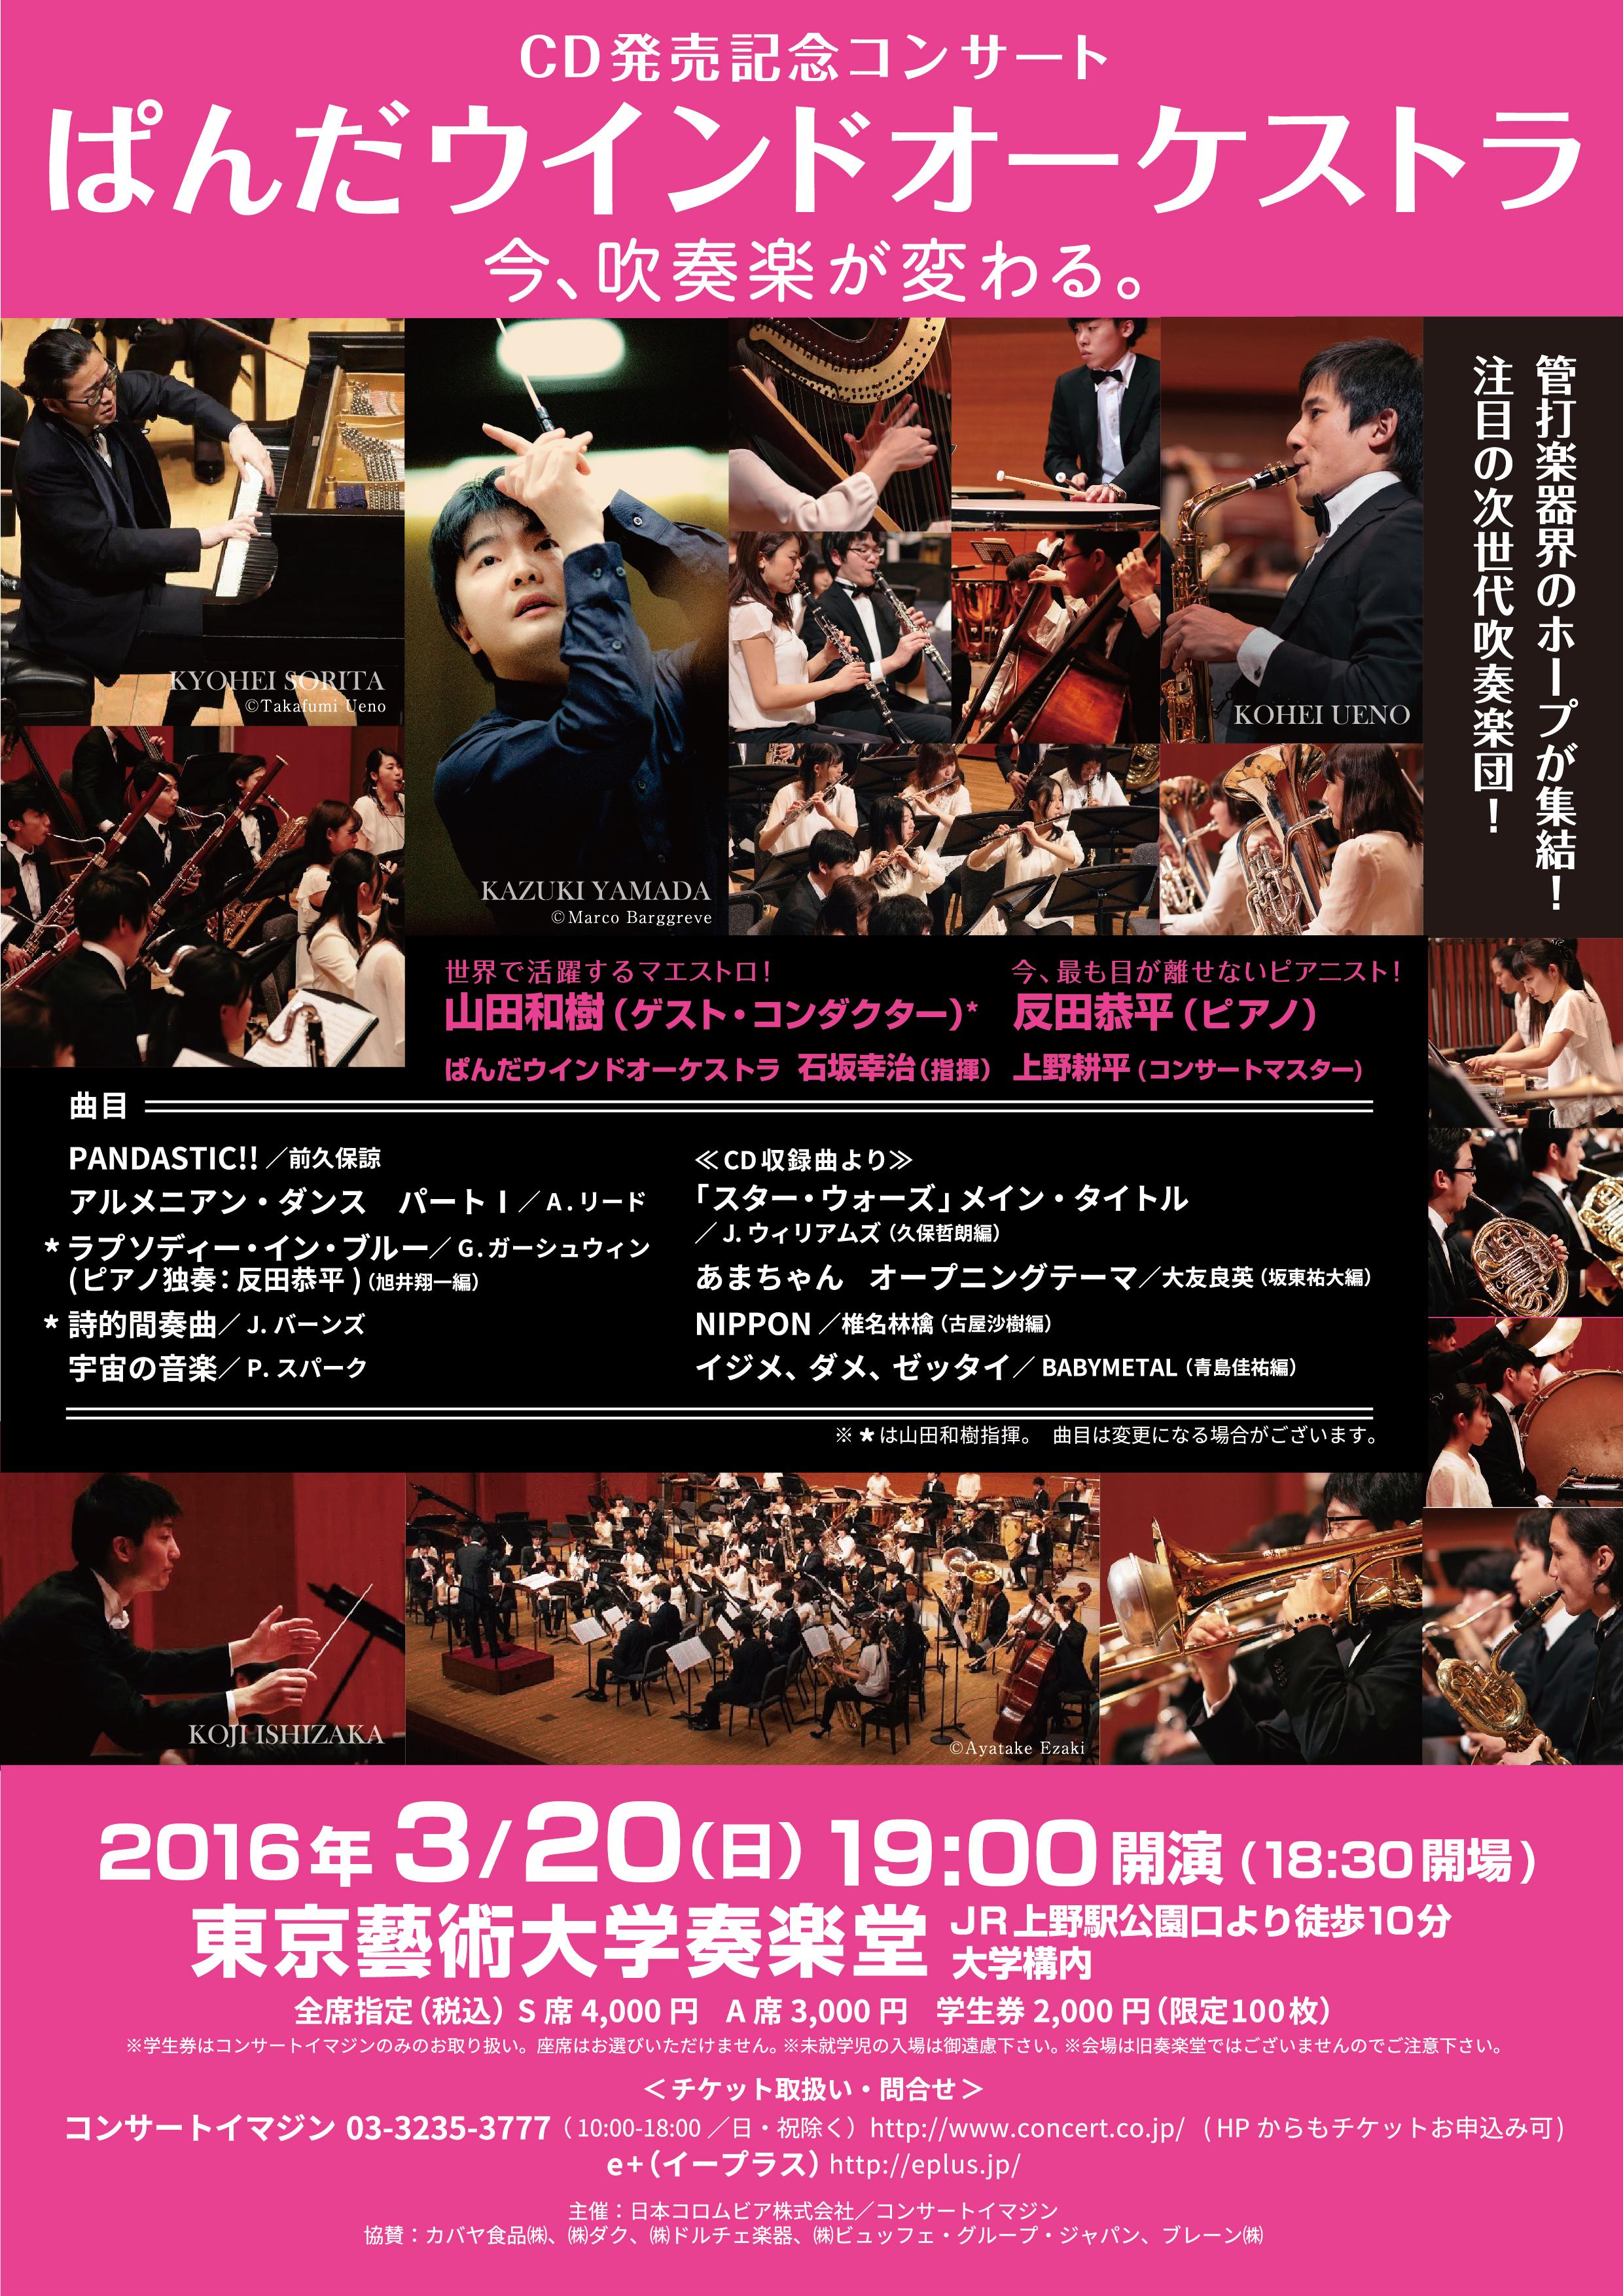 20160320 ぱんだウインドオーケストラ公演チラシ表.jpg